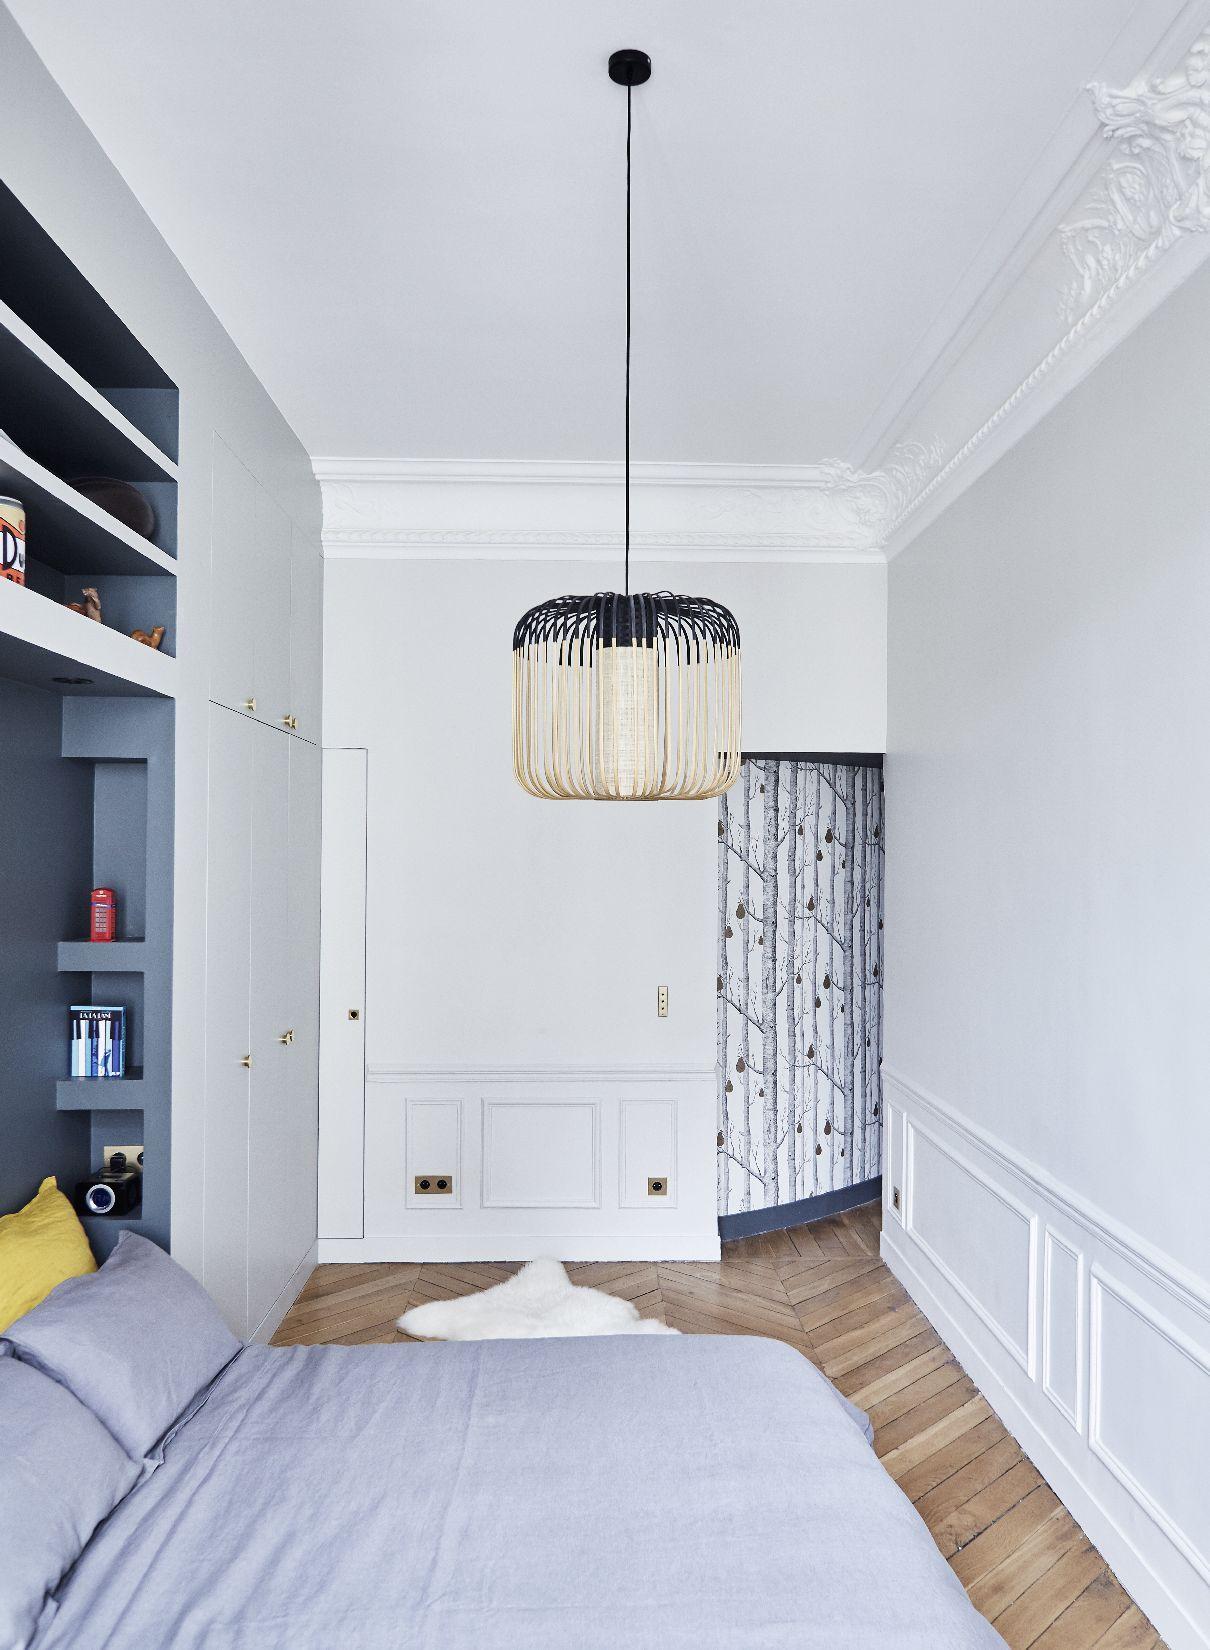 Chambre Appartement Parisien De 150m2 Gcg Architectes